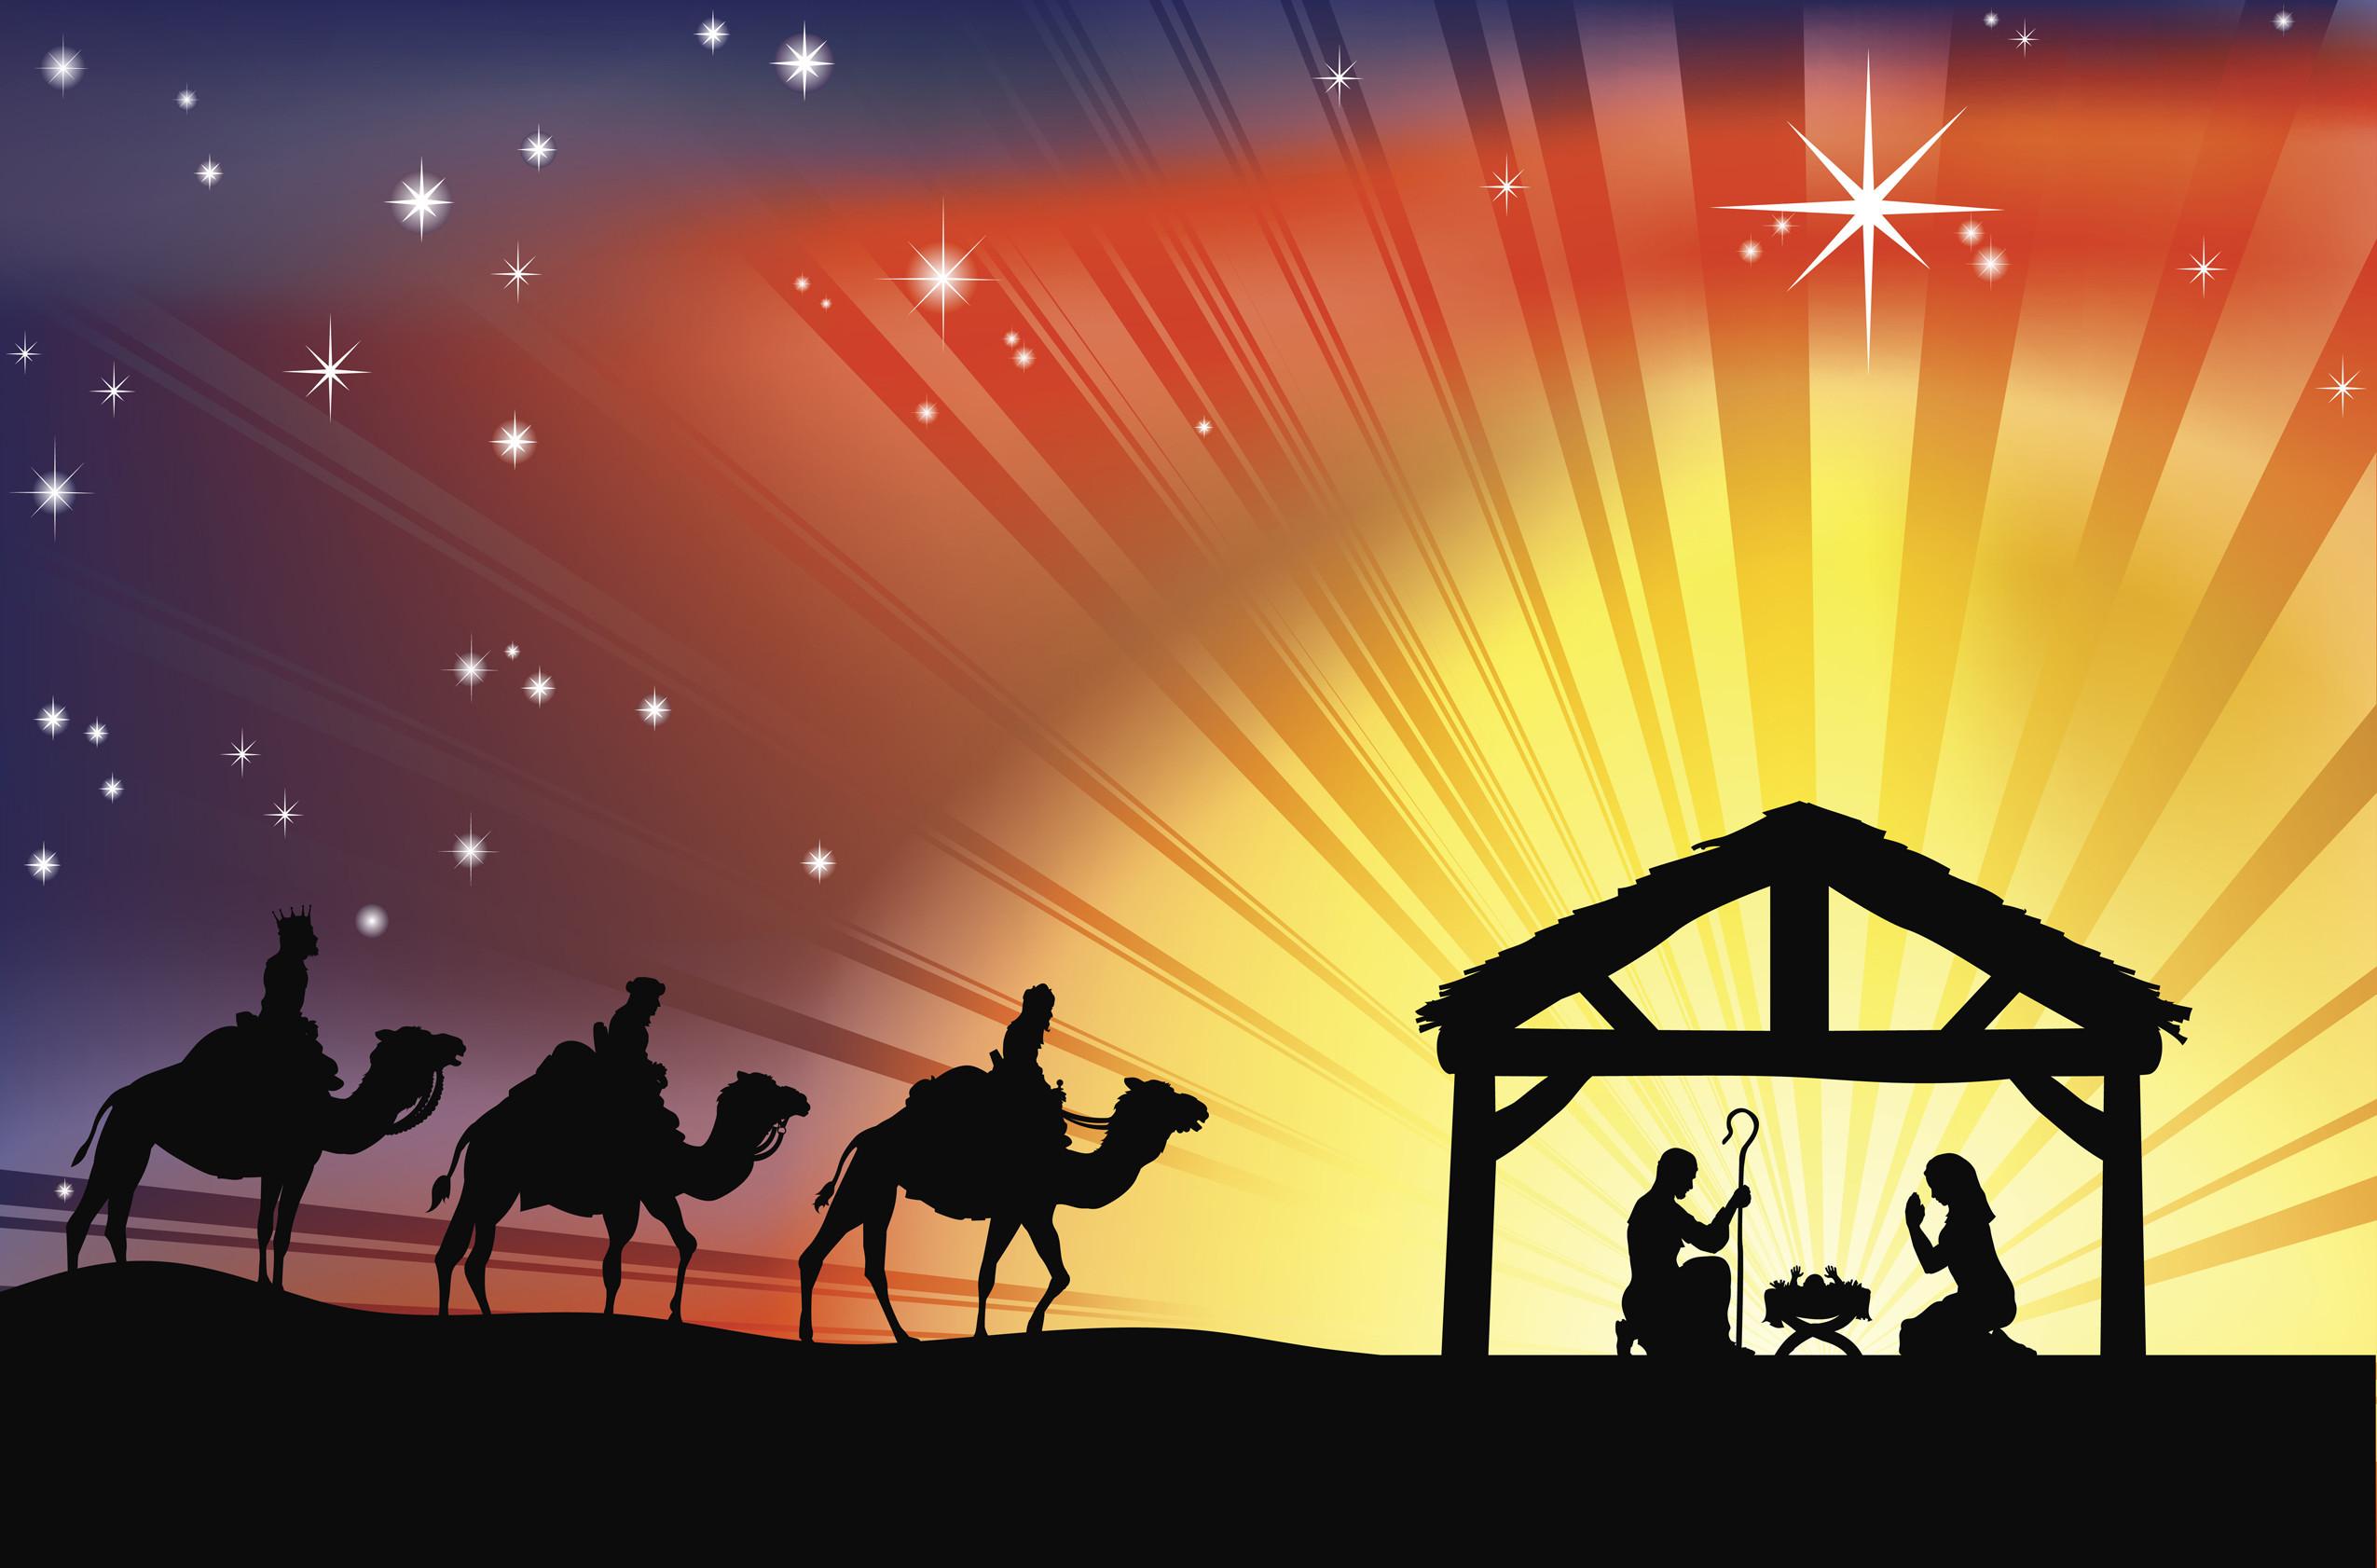 Merry Christmas Nativity Images Merry Christmas Cam7pr Clipart